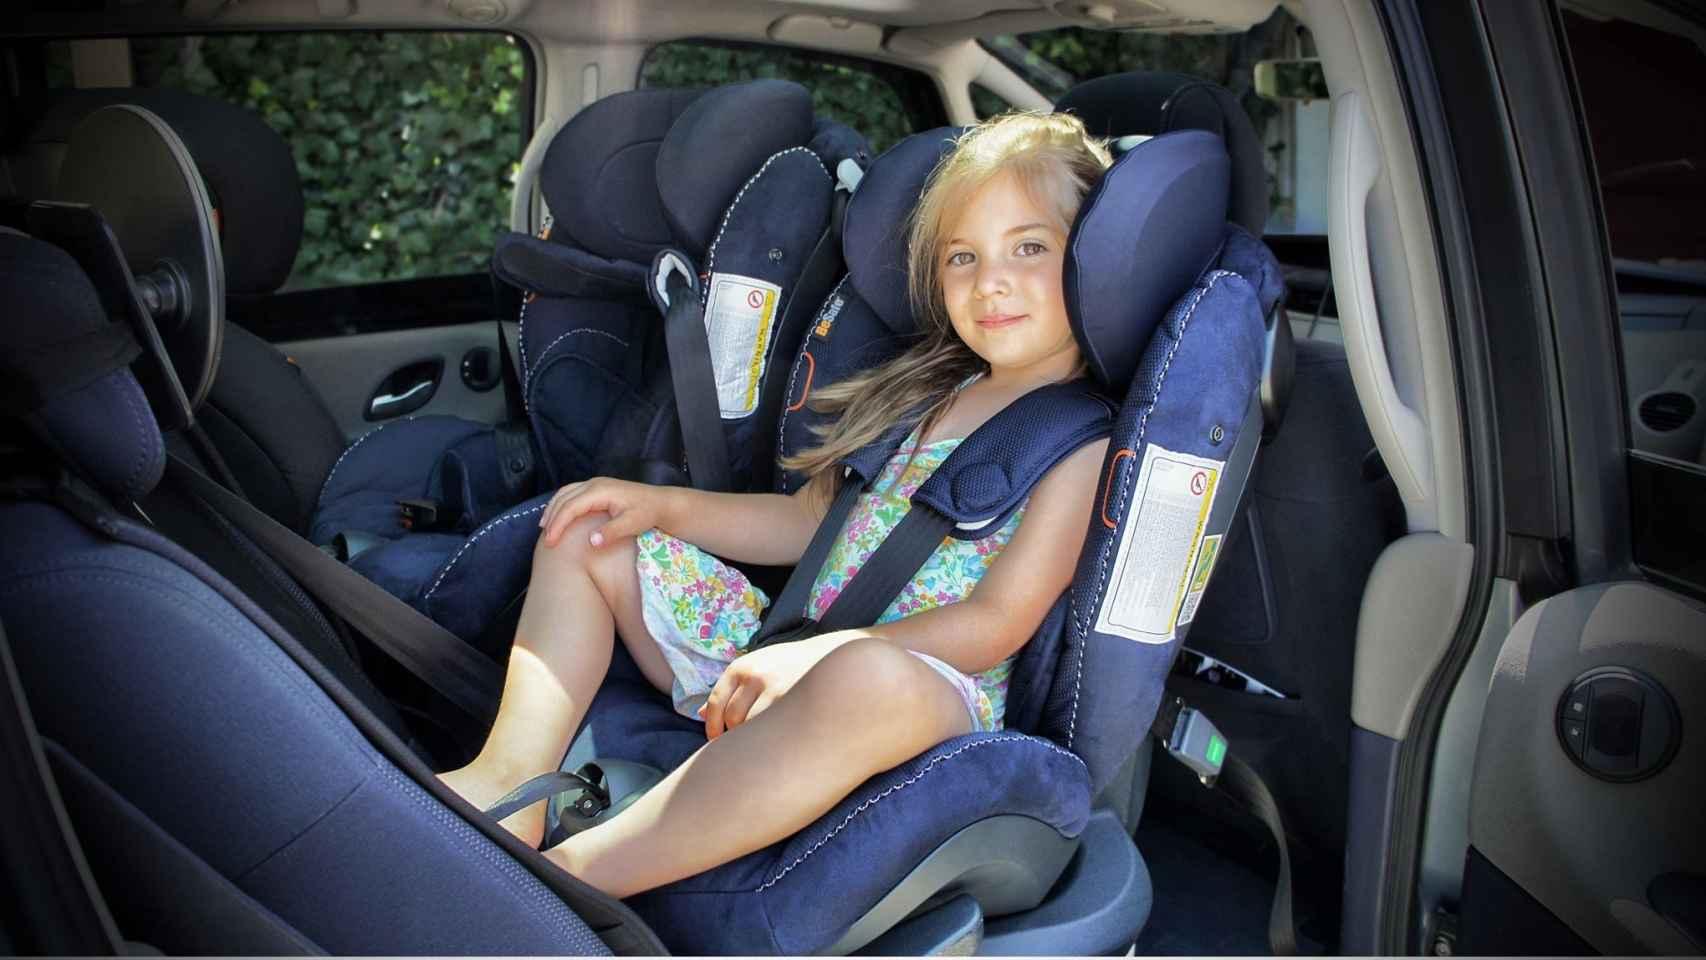 Varios informes concluyen que llevar las sillas a contramarcha reduce los riesgos de accidente mortal.